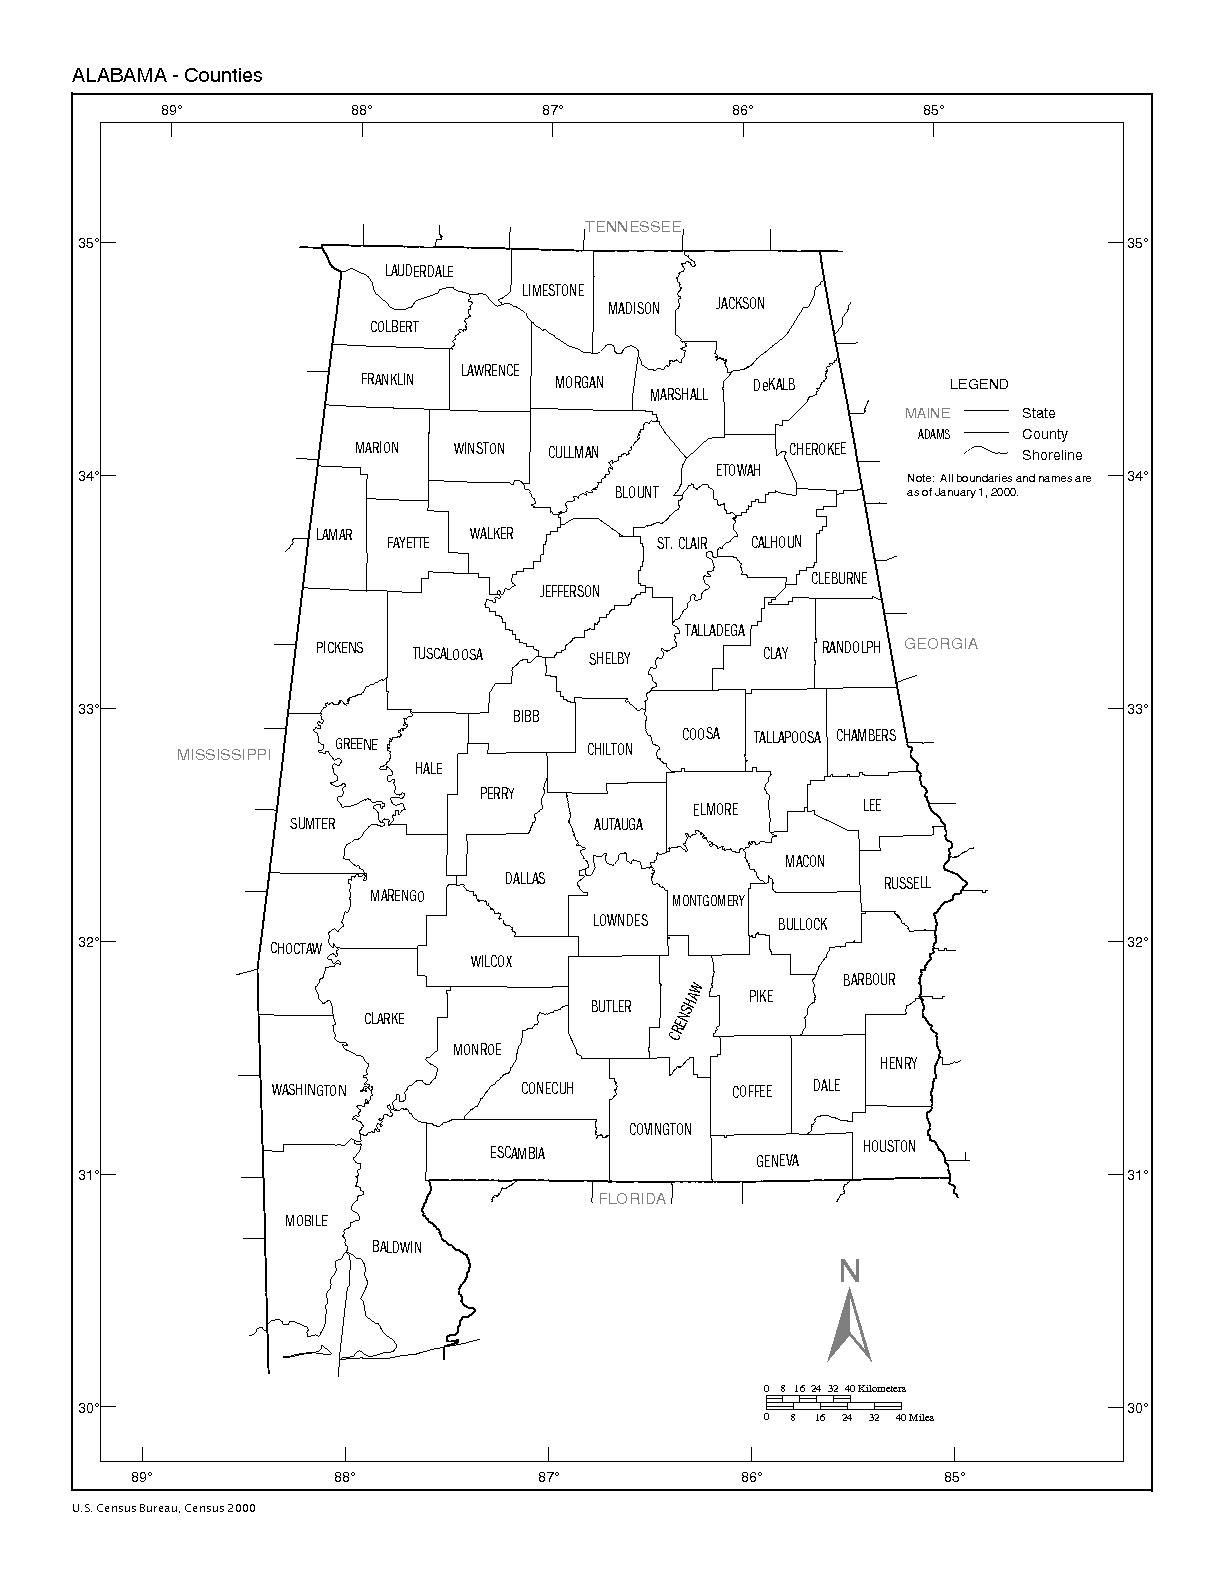 Alabama Counties Map